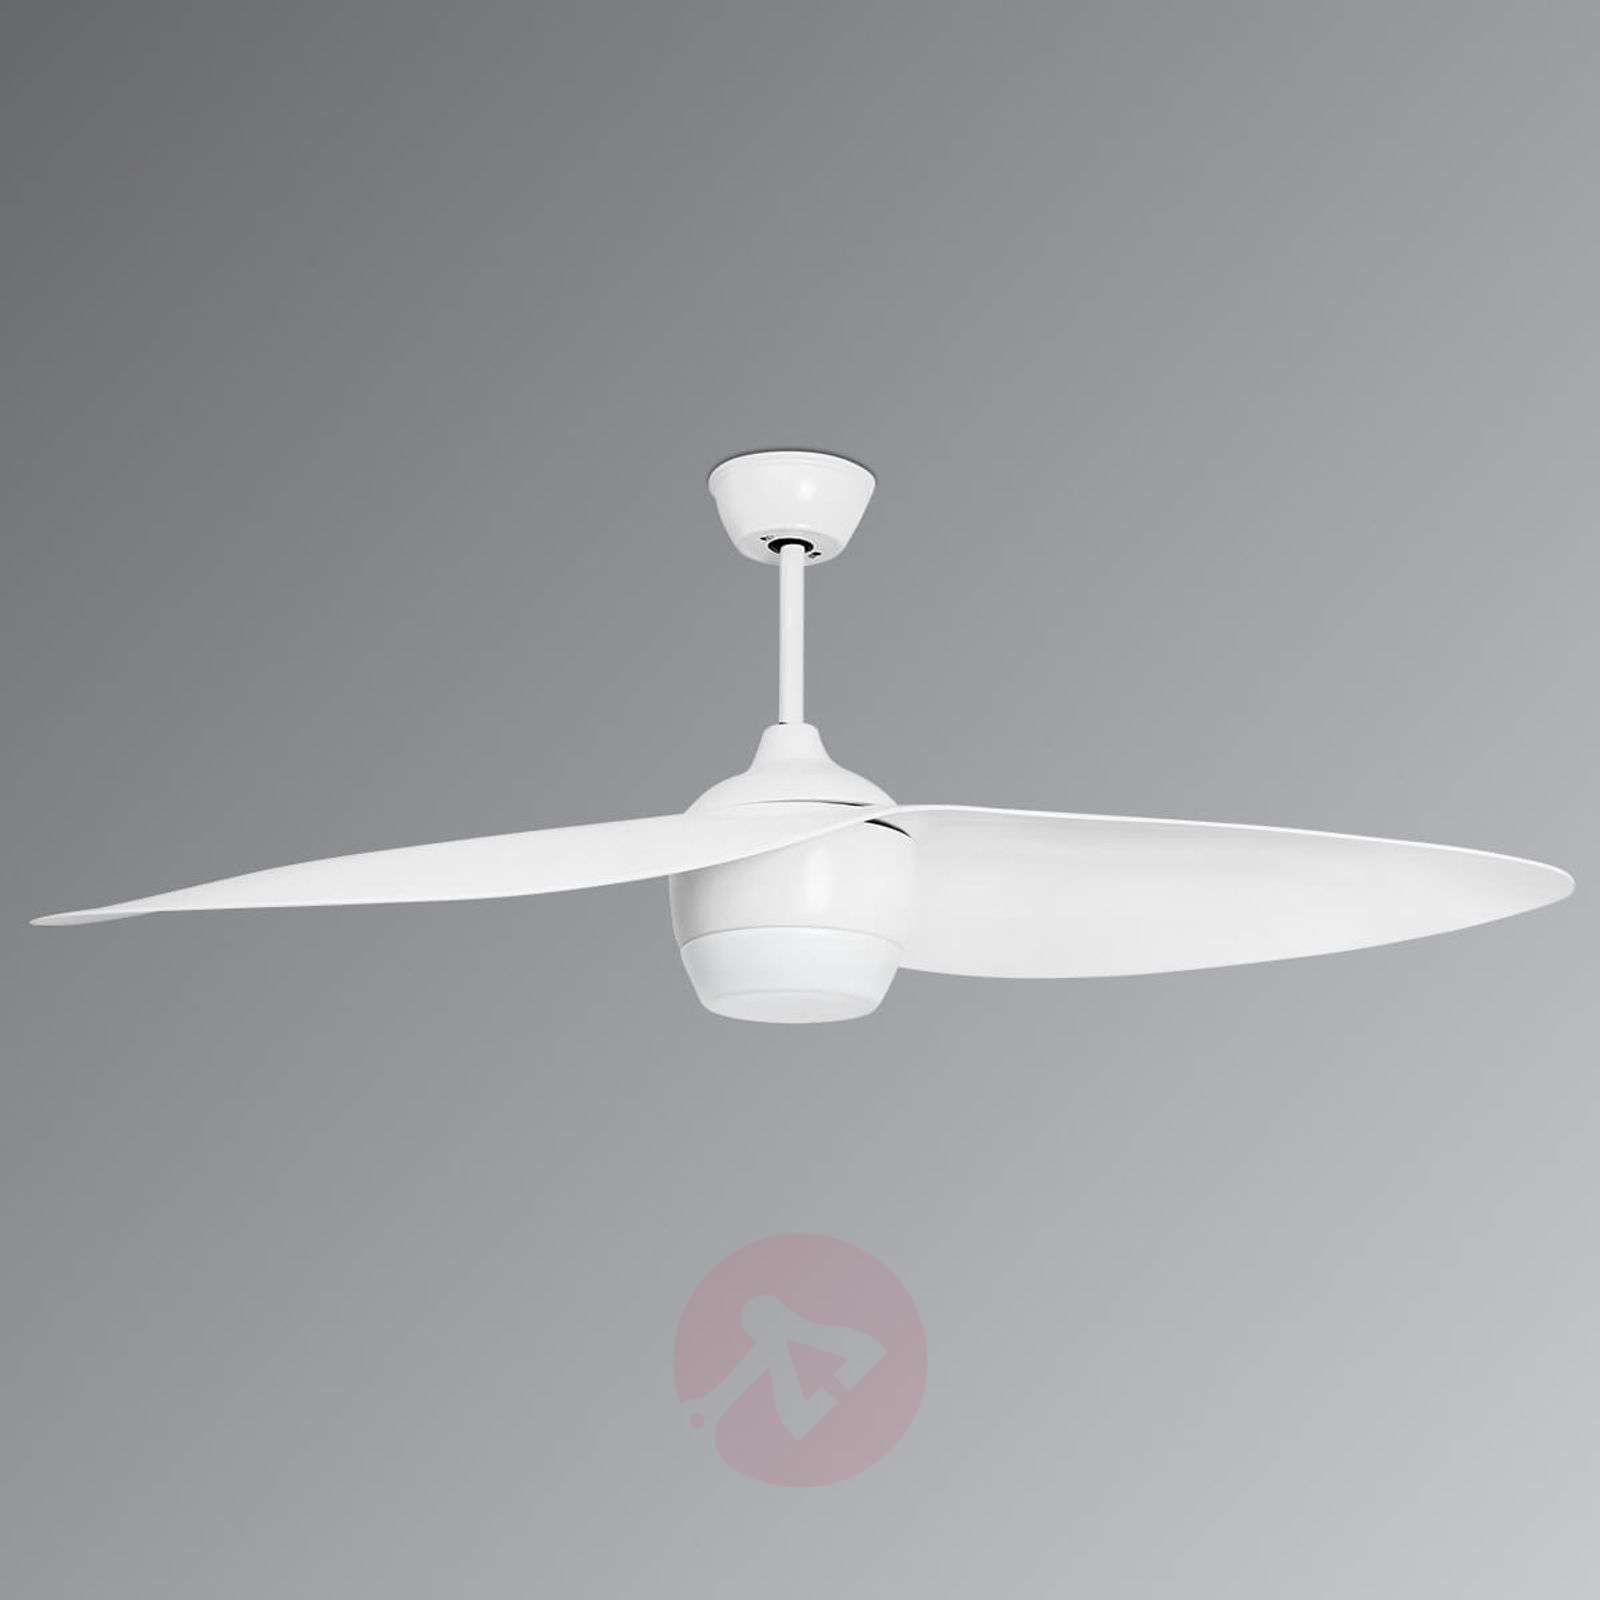 Alaska White Led Ceiling Fan 3505386 01